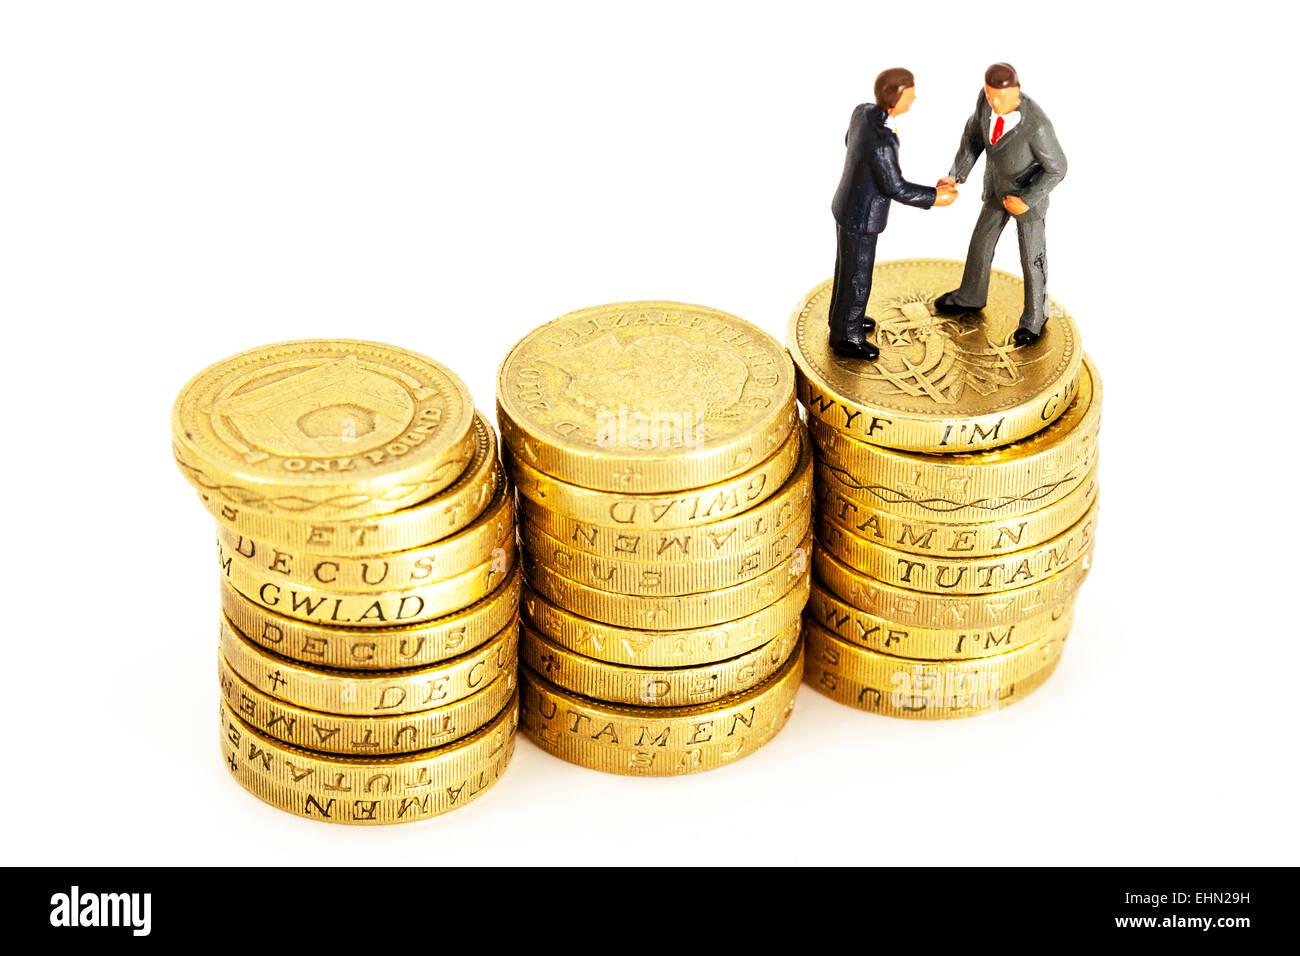 Soldi trattativa bilancio business UK pound monete pile imprenditori isolato tagliare ritaglio sfondo bianco Immagini Stock